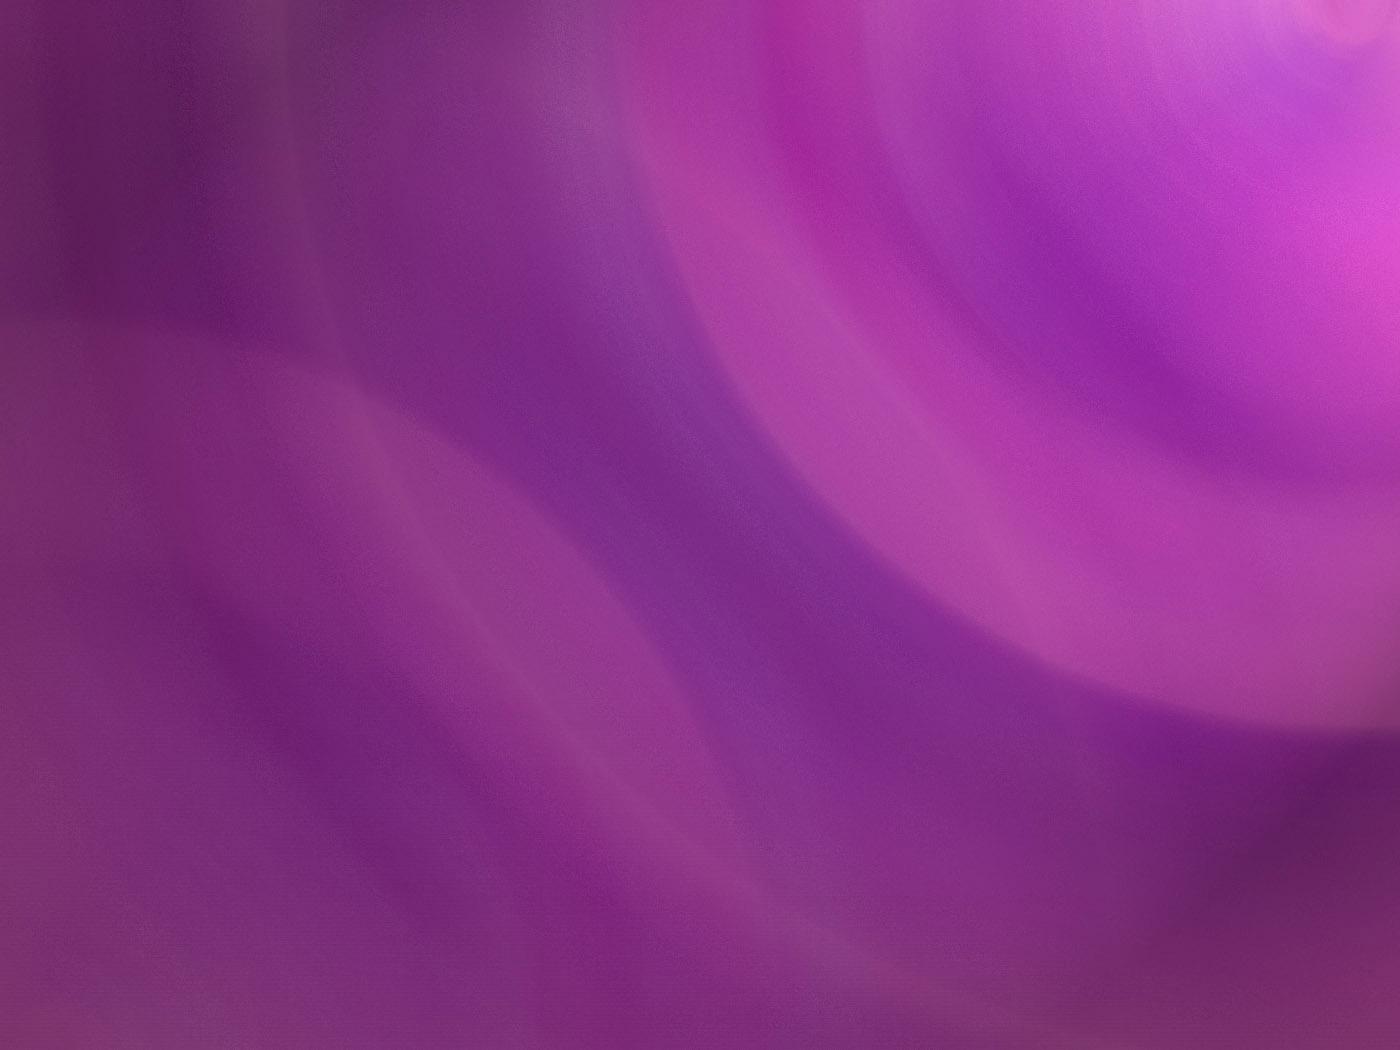 Hintergrunde kostenlos einfarbig